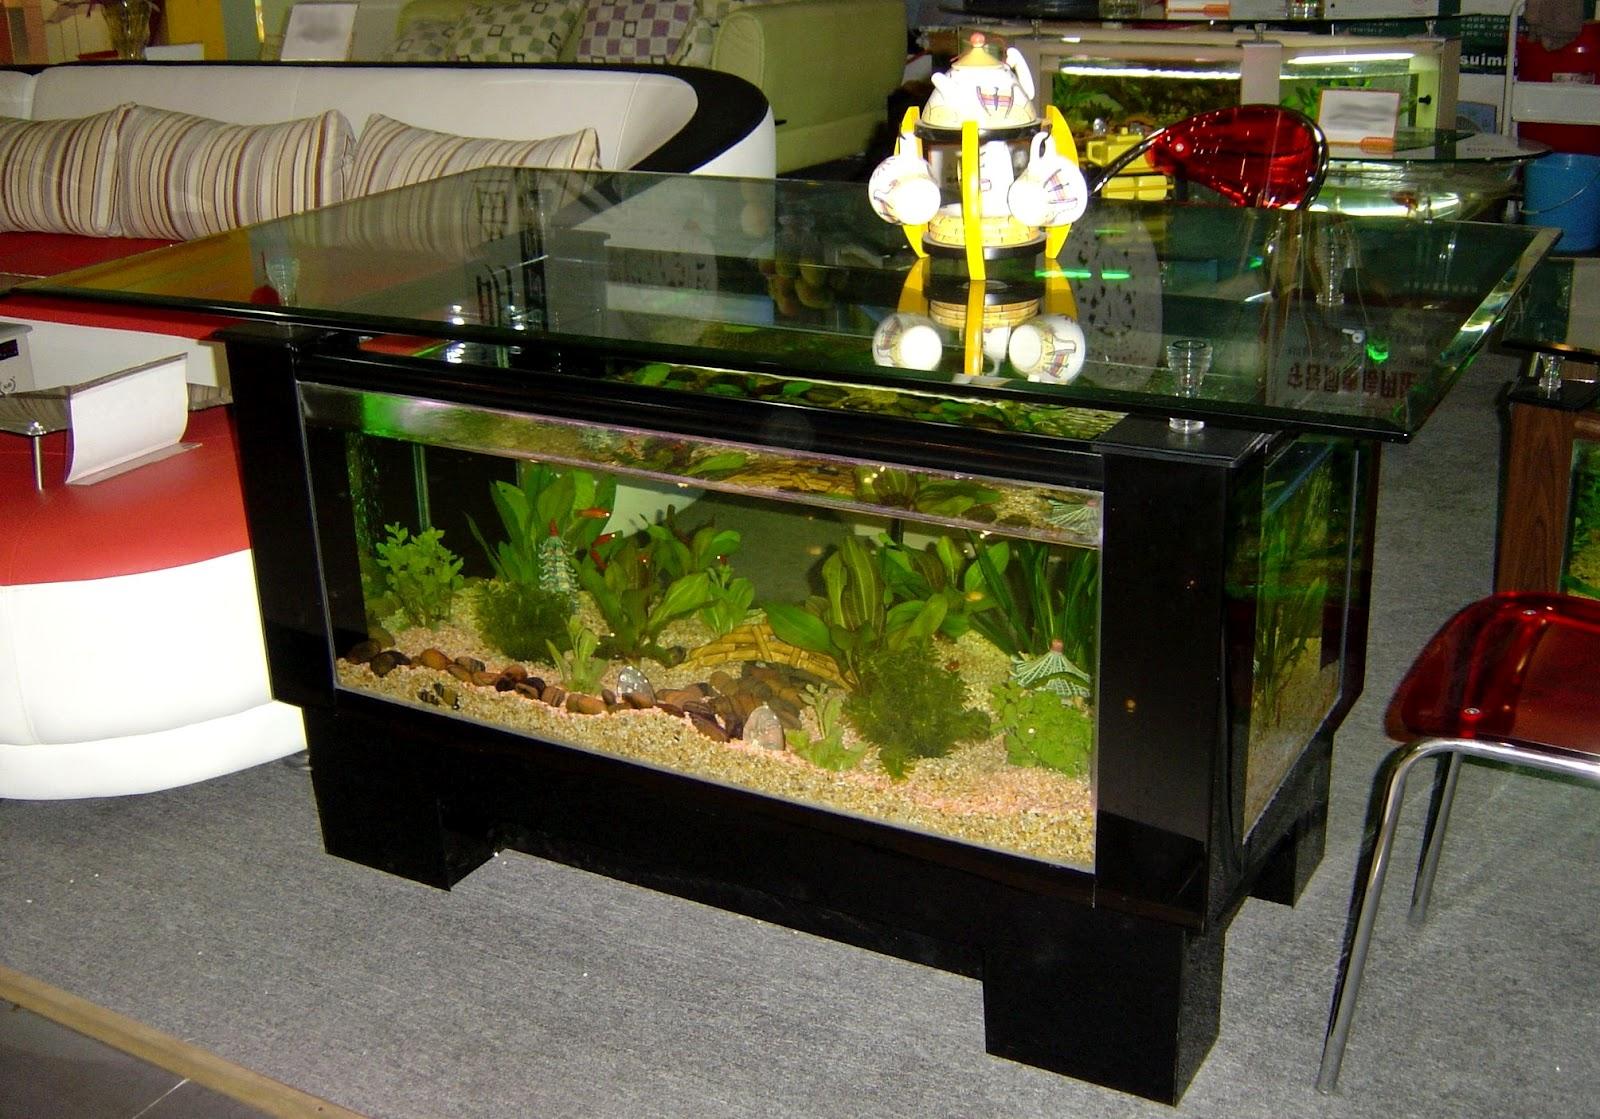 Exclusive Aquarium Design - Home aquarium design